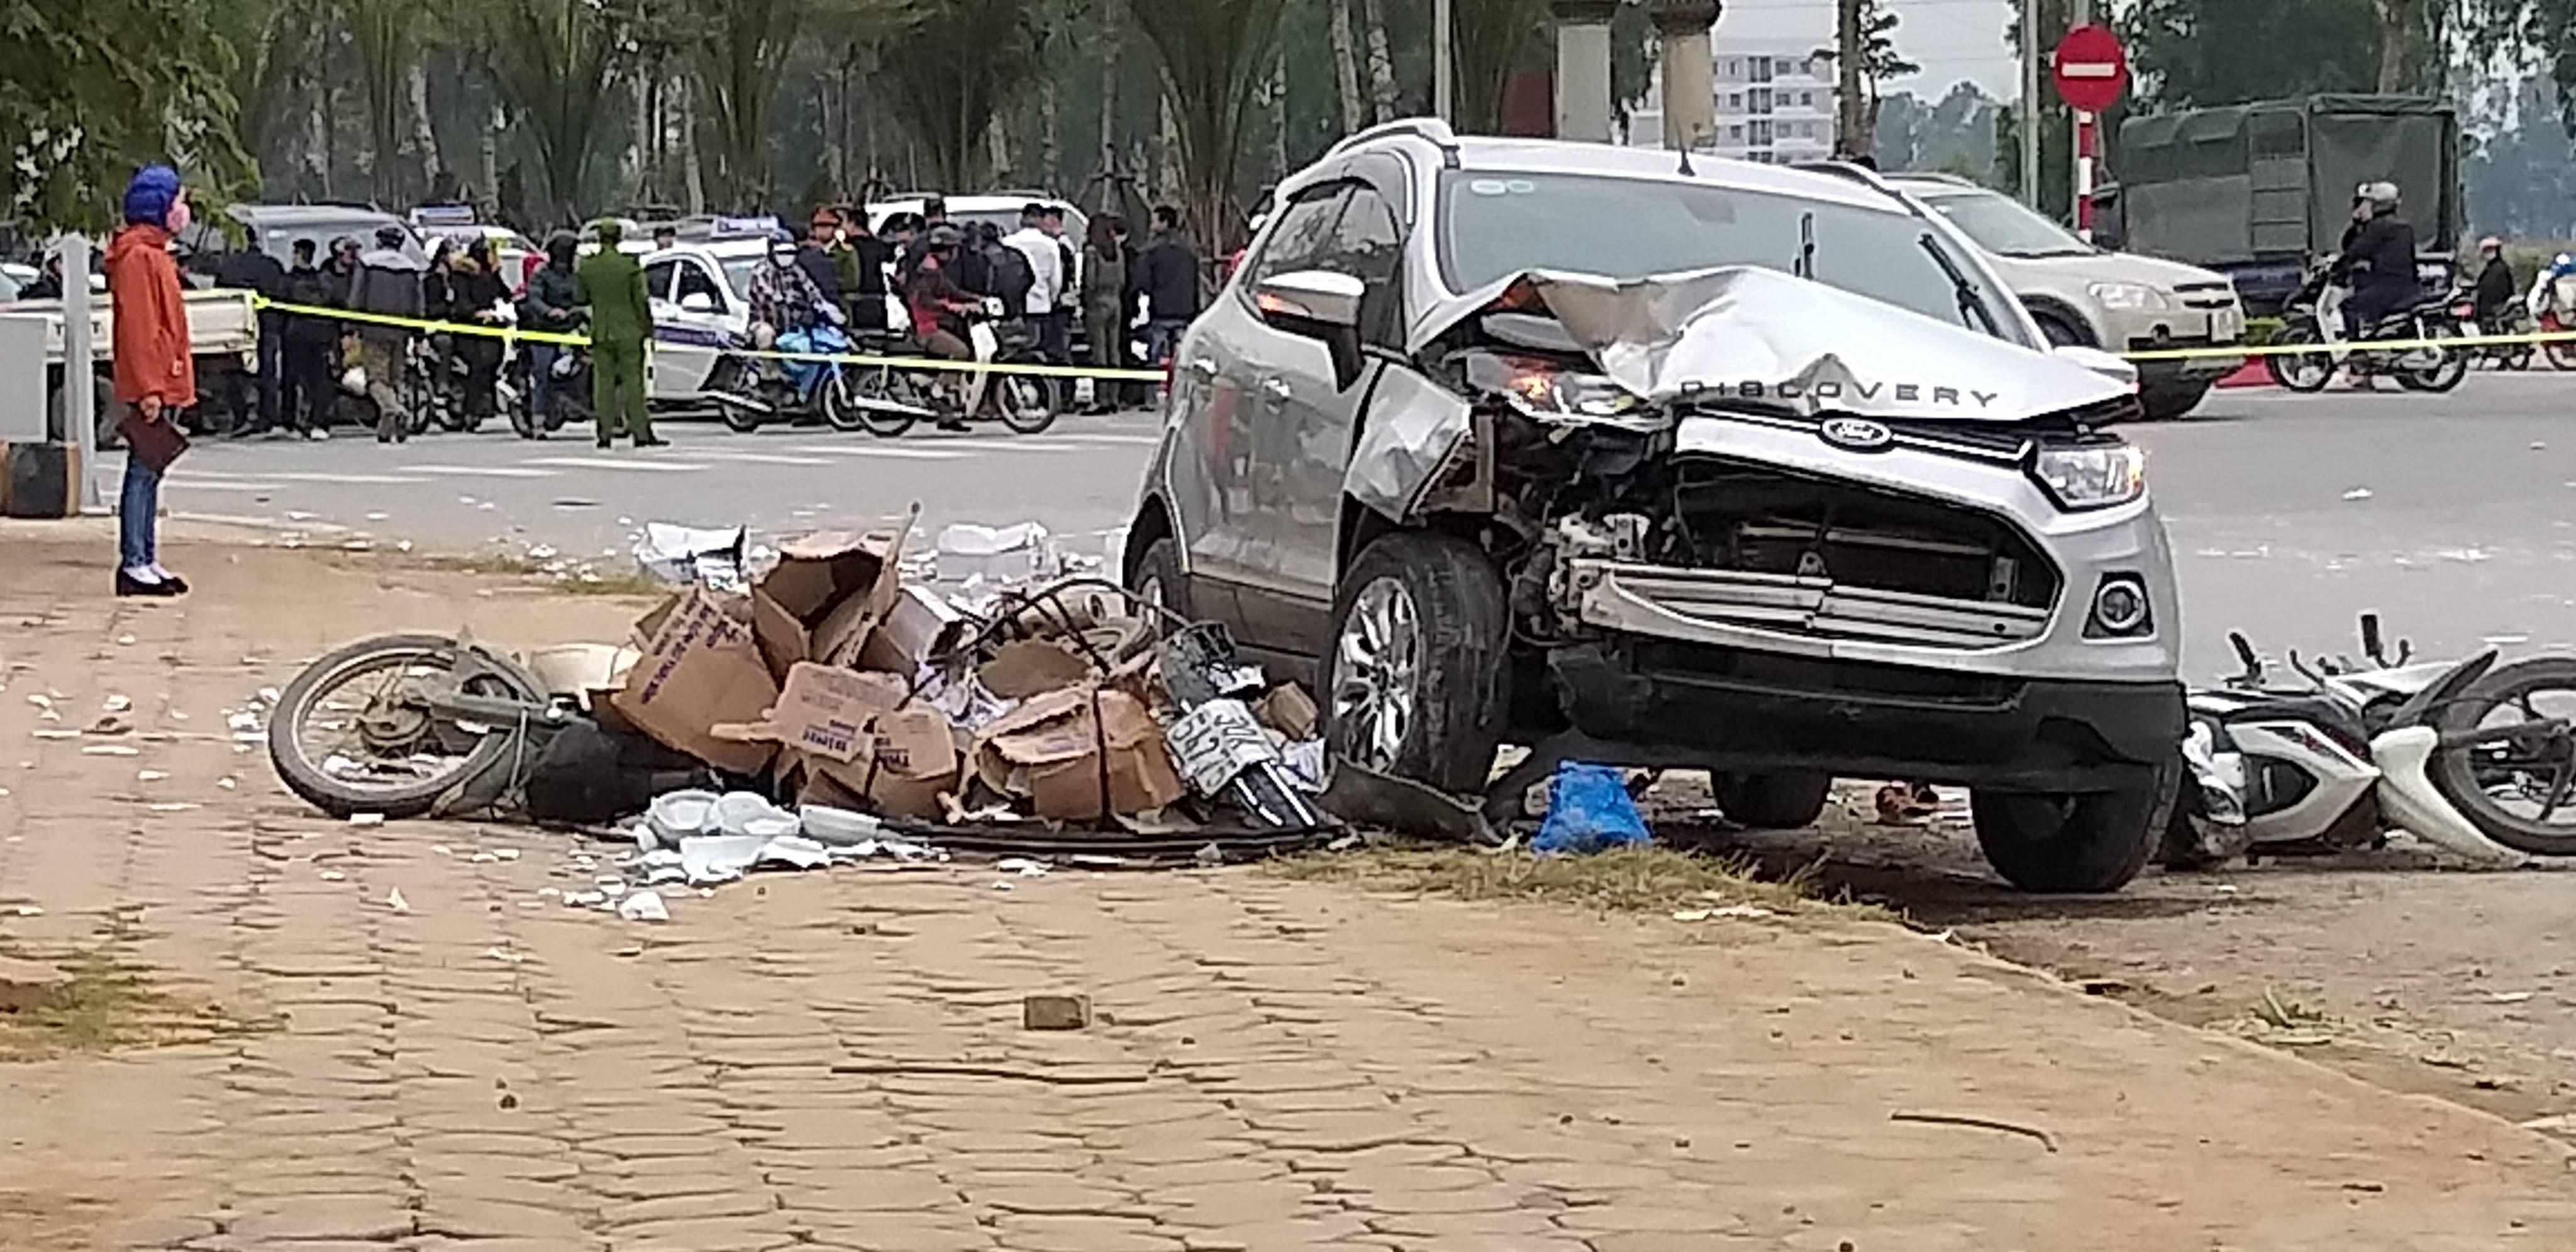 Vào khoảng 14h20 phút ngày 6/1, tại vòng xuyến Mậu Lương, thuộc phường Kiến Hưng, quận Hà Đông, Hà Nội đã xảy ra một vụ tai nạn giao thông liên hoàn khiến 2 người tử vong